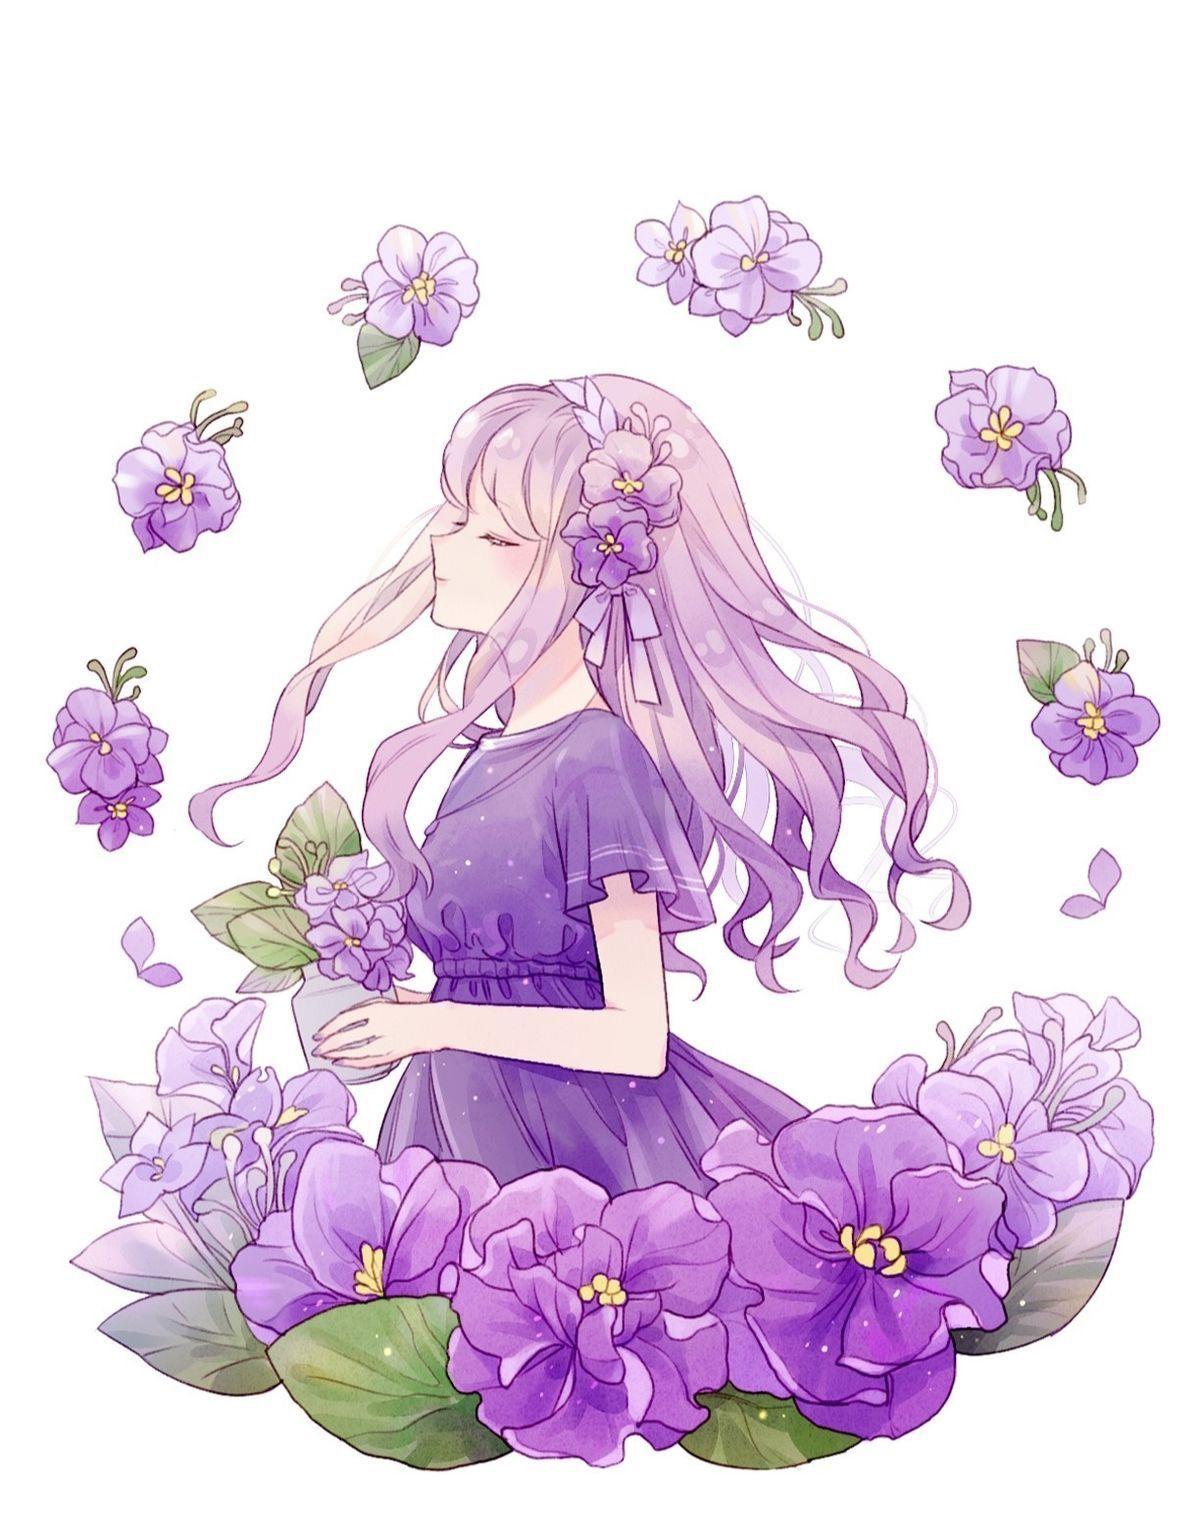 Anime art, Kawaii anime, Anime characters, Manga anime, Anime